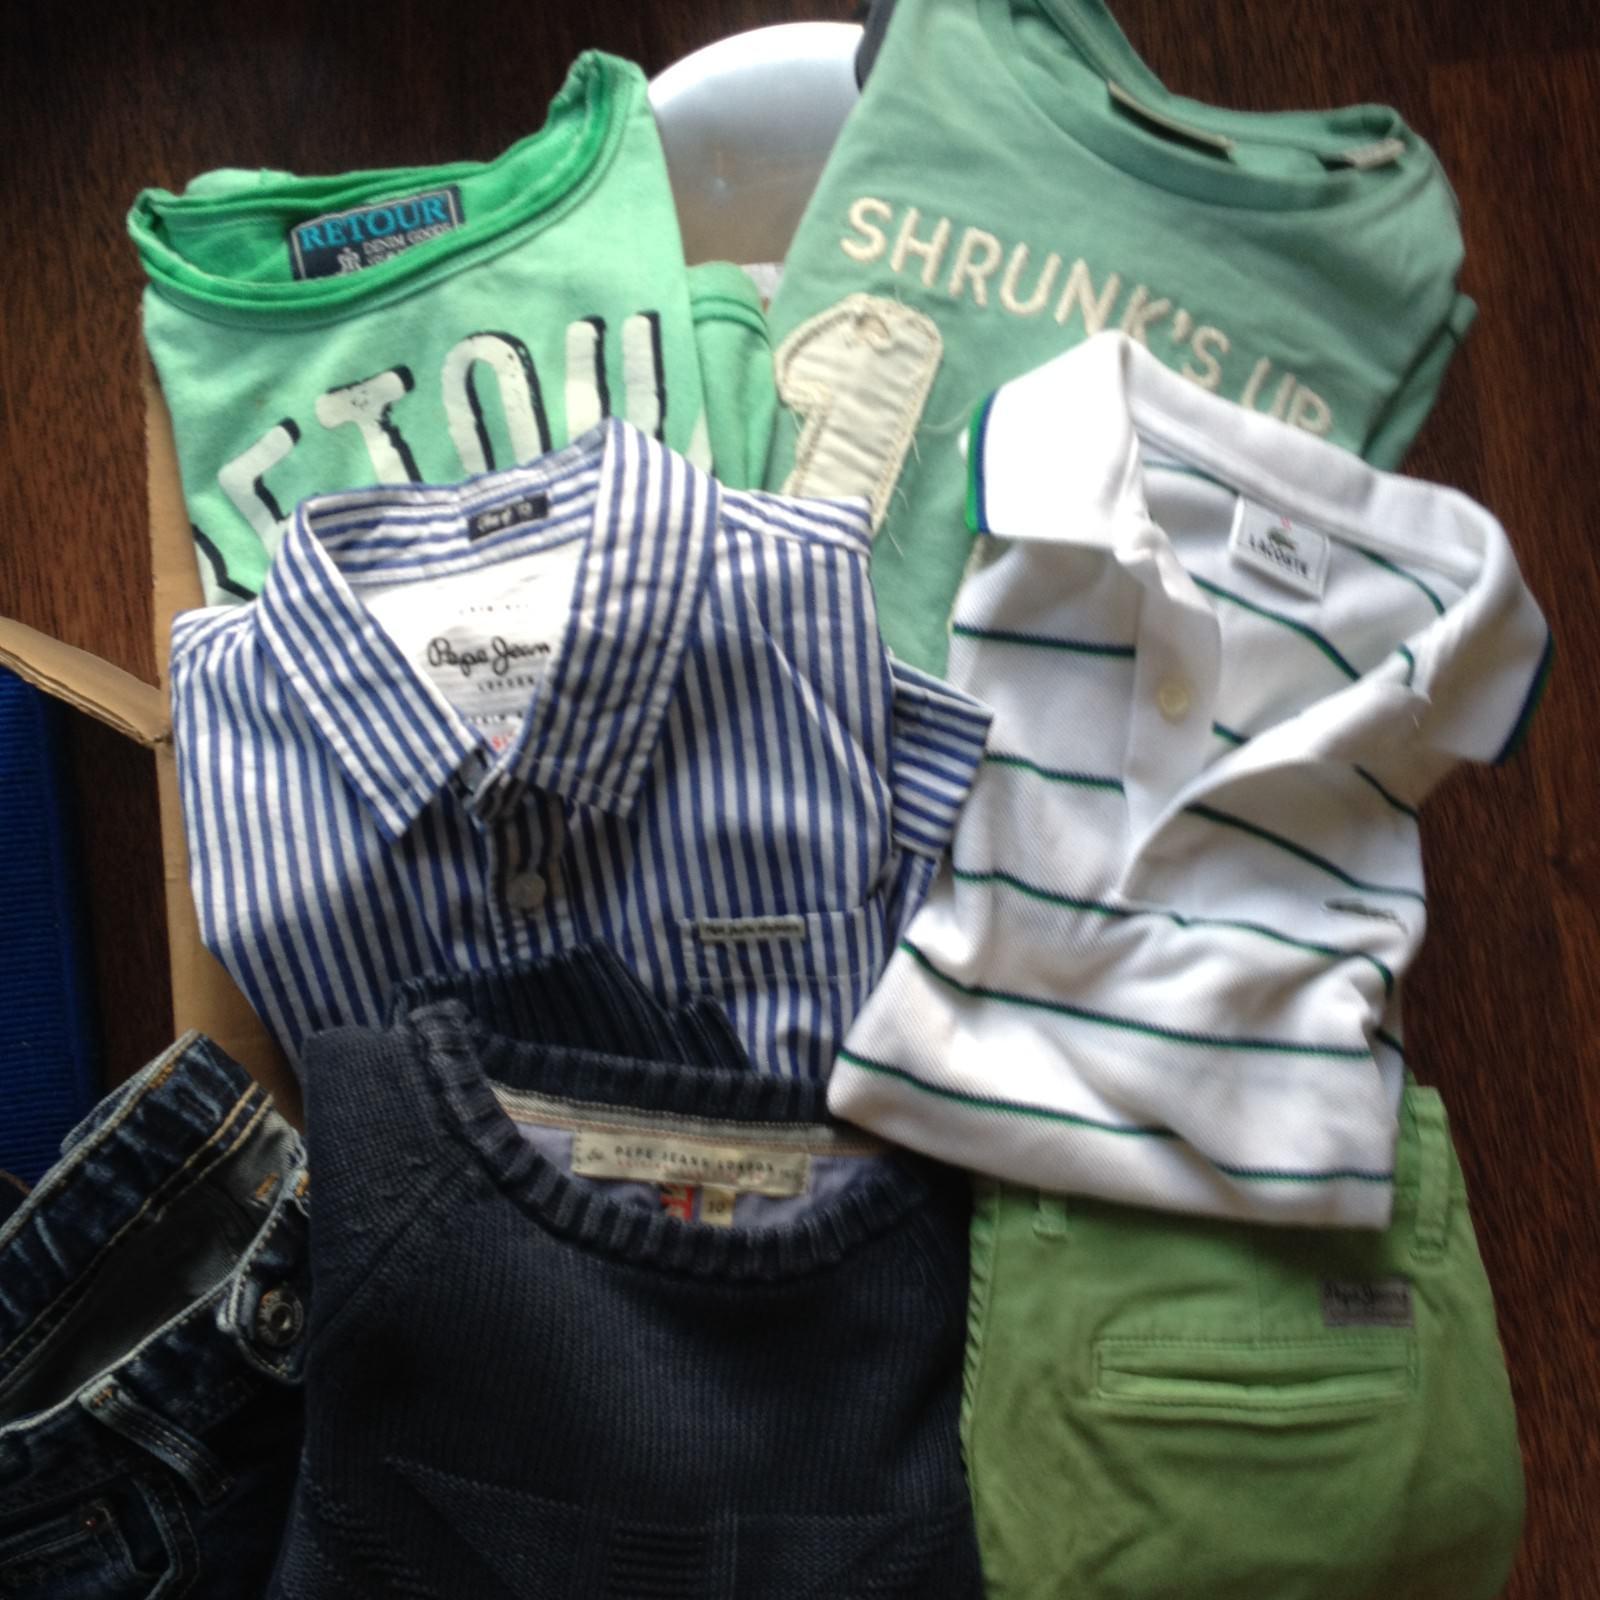 Jungen Kleidung Pepe Jeans, Lacoste, Retour, Scotch Shrunk (Größe 140 – 8 J)